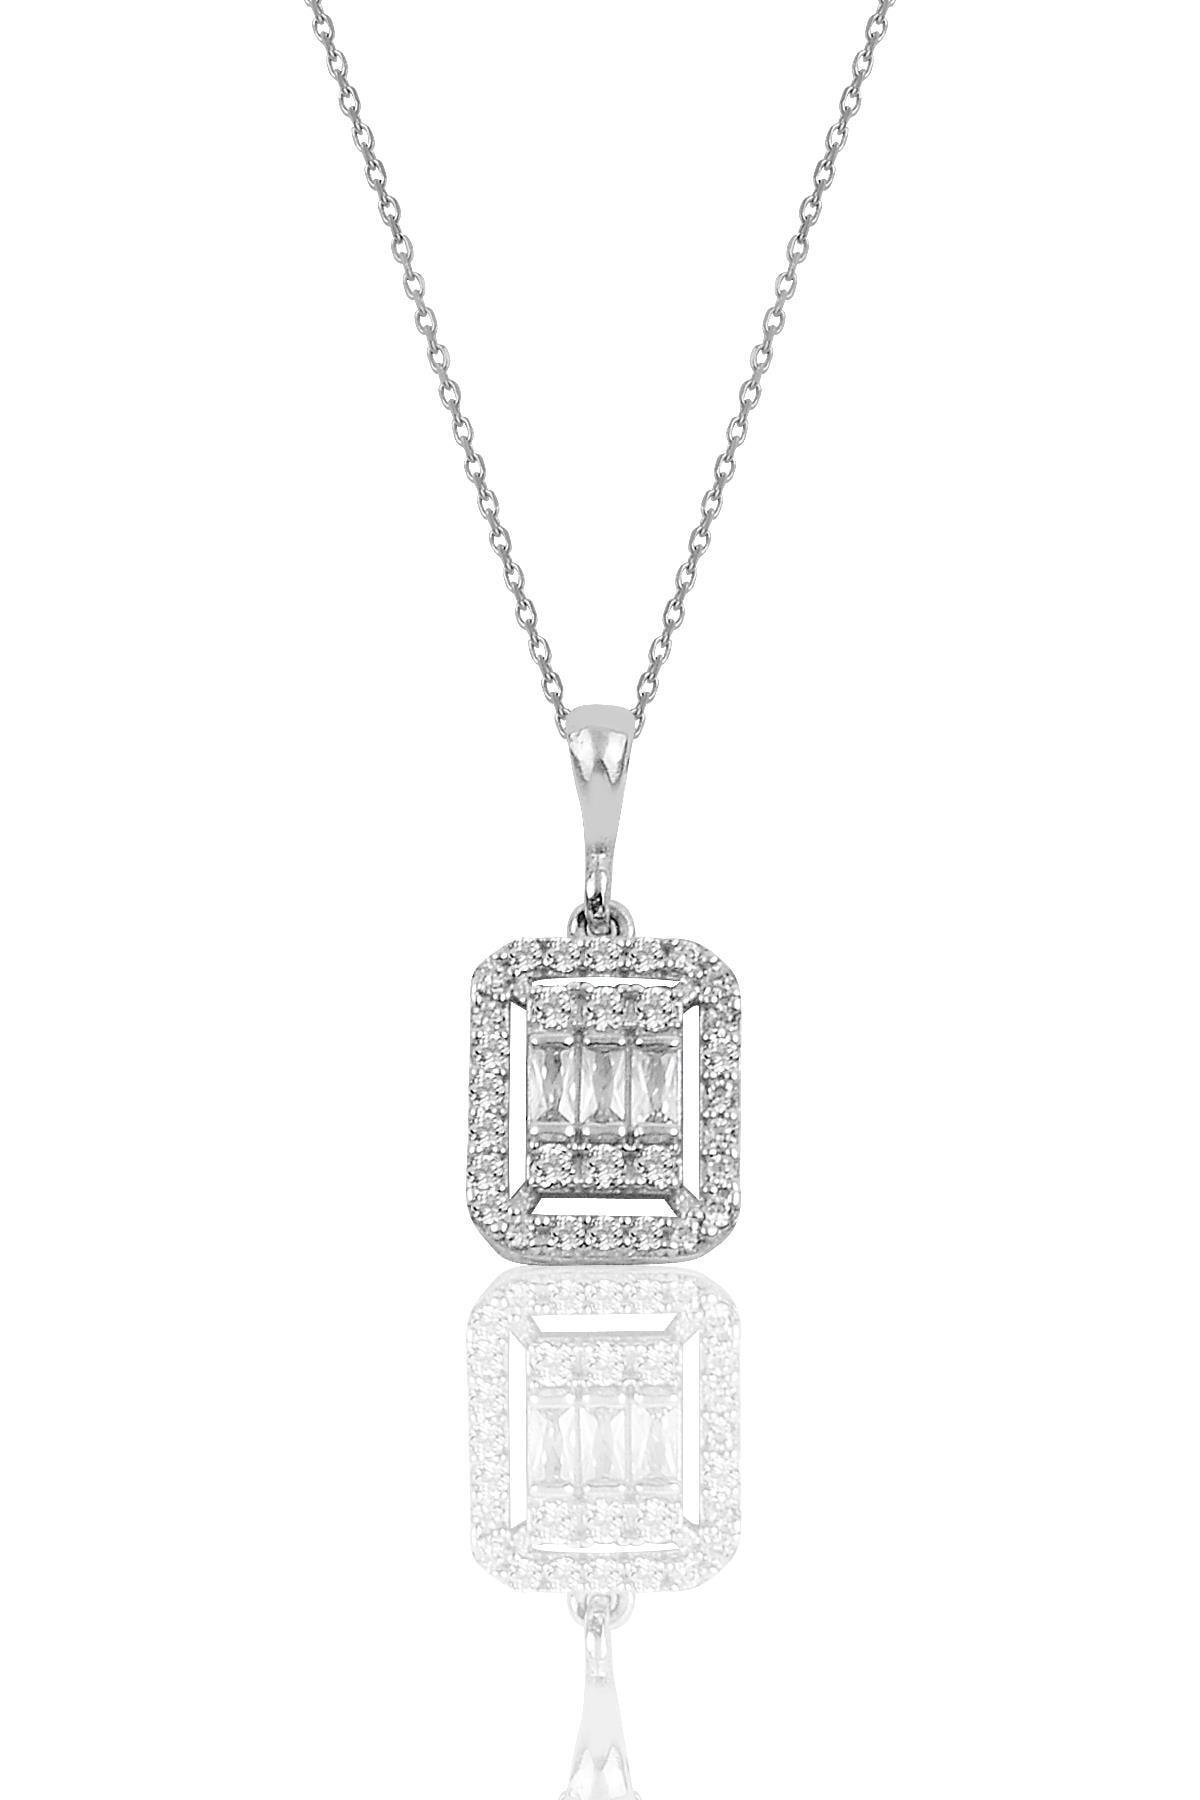 Söğütlü Silver Gümüş rodyumlu baget taşlı  kolye küpe ve bilezik  gümüş set 2